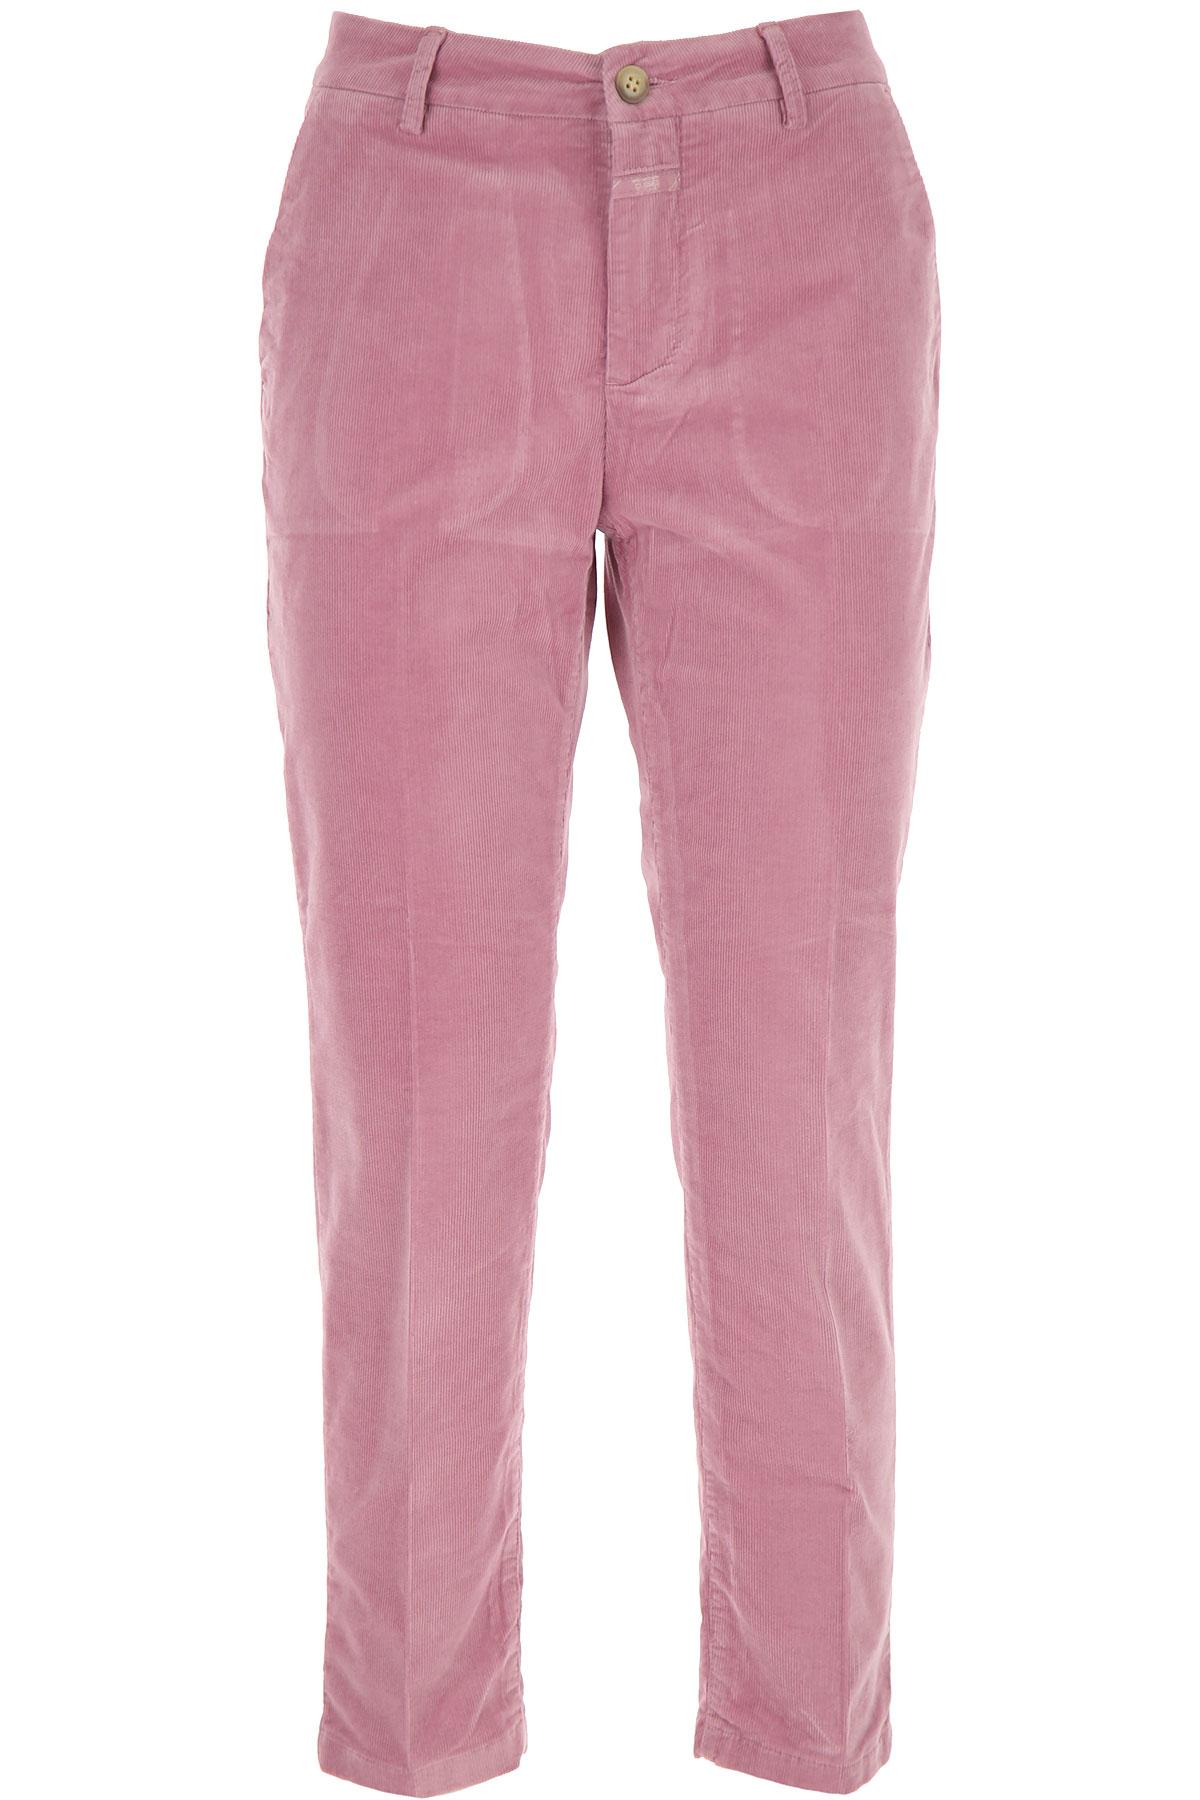 Closed Pants for Women On Sale, Mauve, Cotton, 2019, 25 26 27 28 29